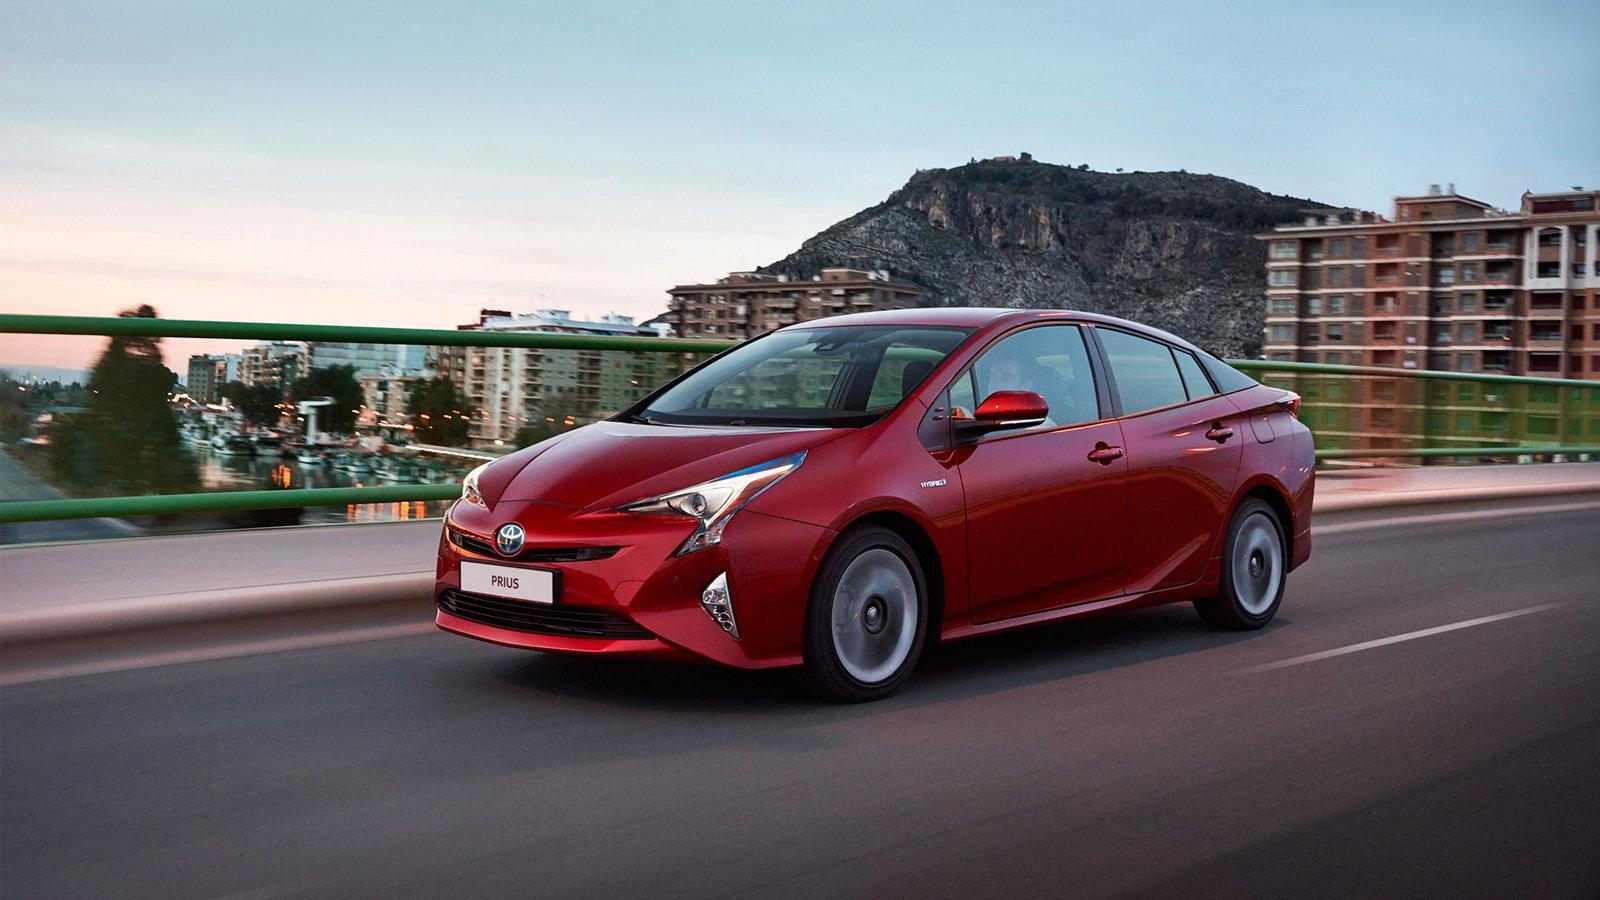 Запчасти Тойота - каталог, цены | Купить запчасти Toyota в ...